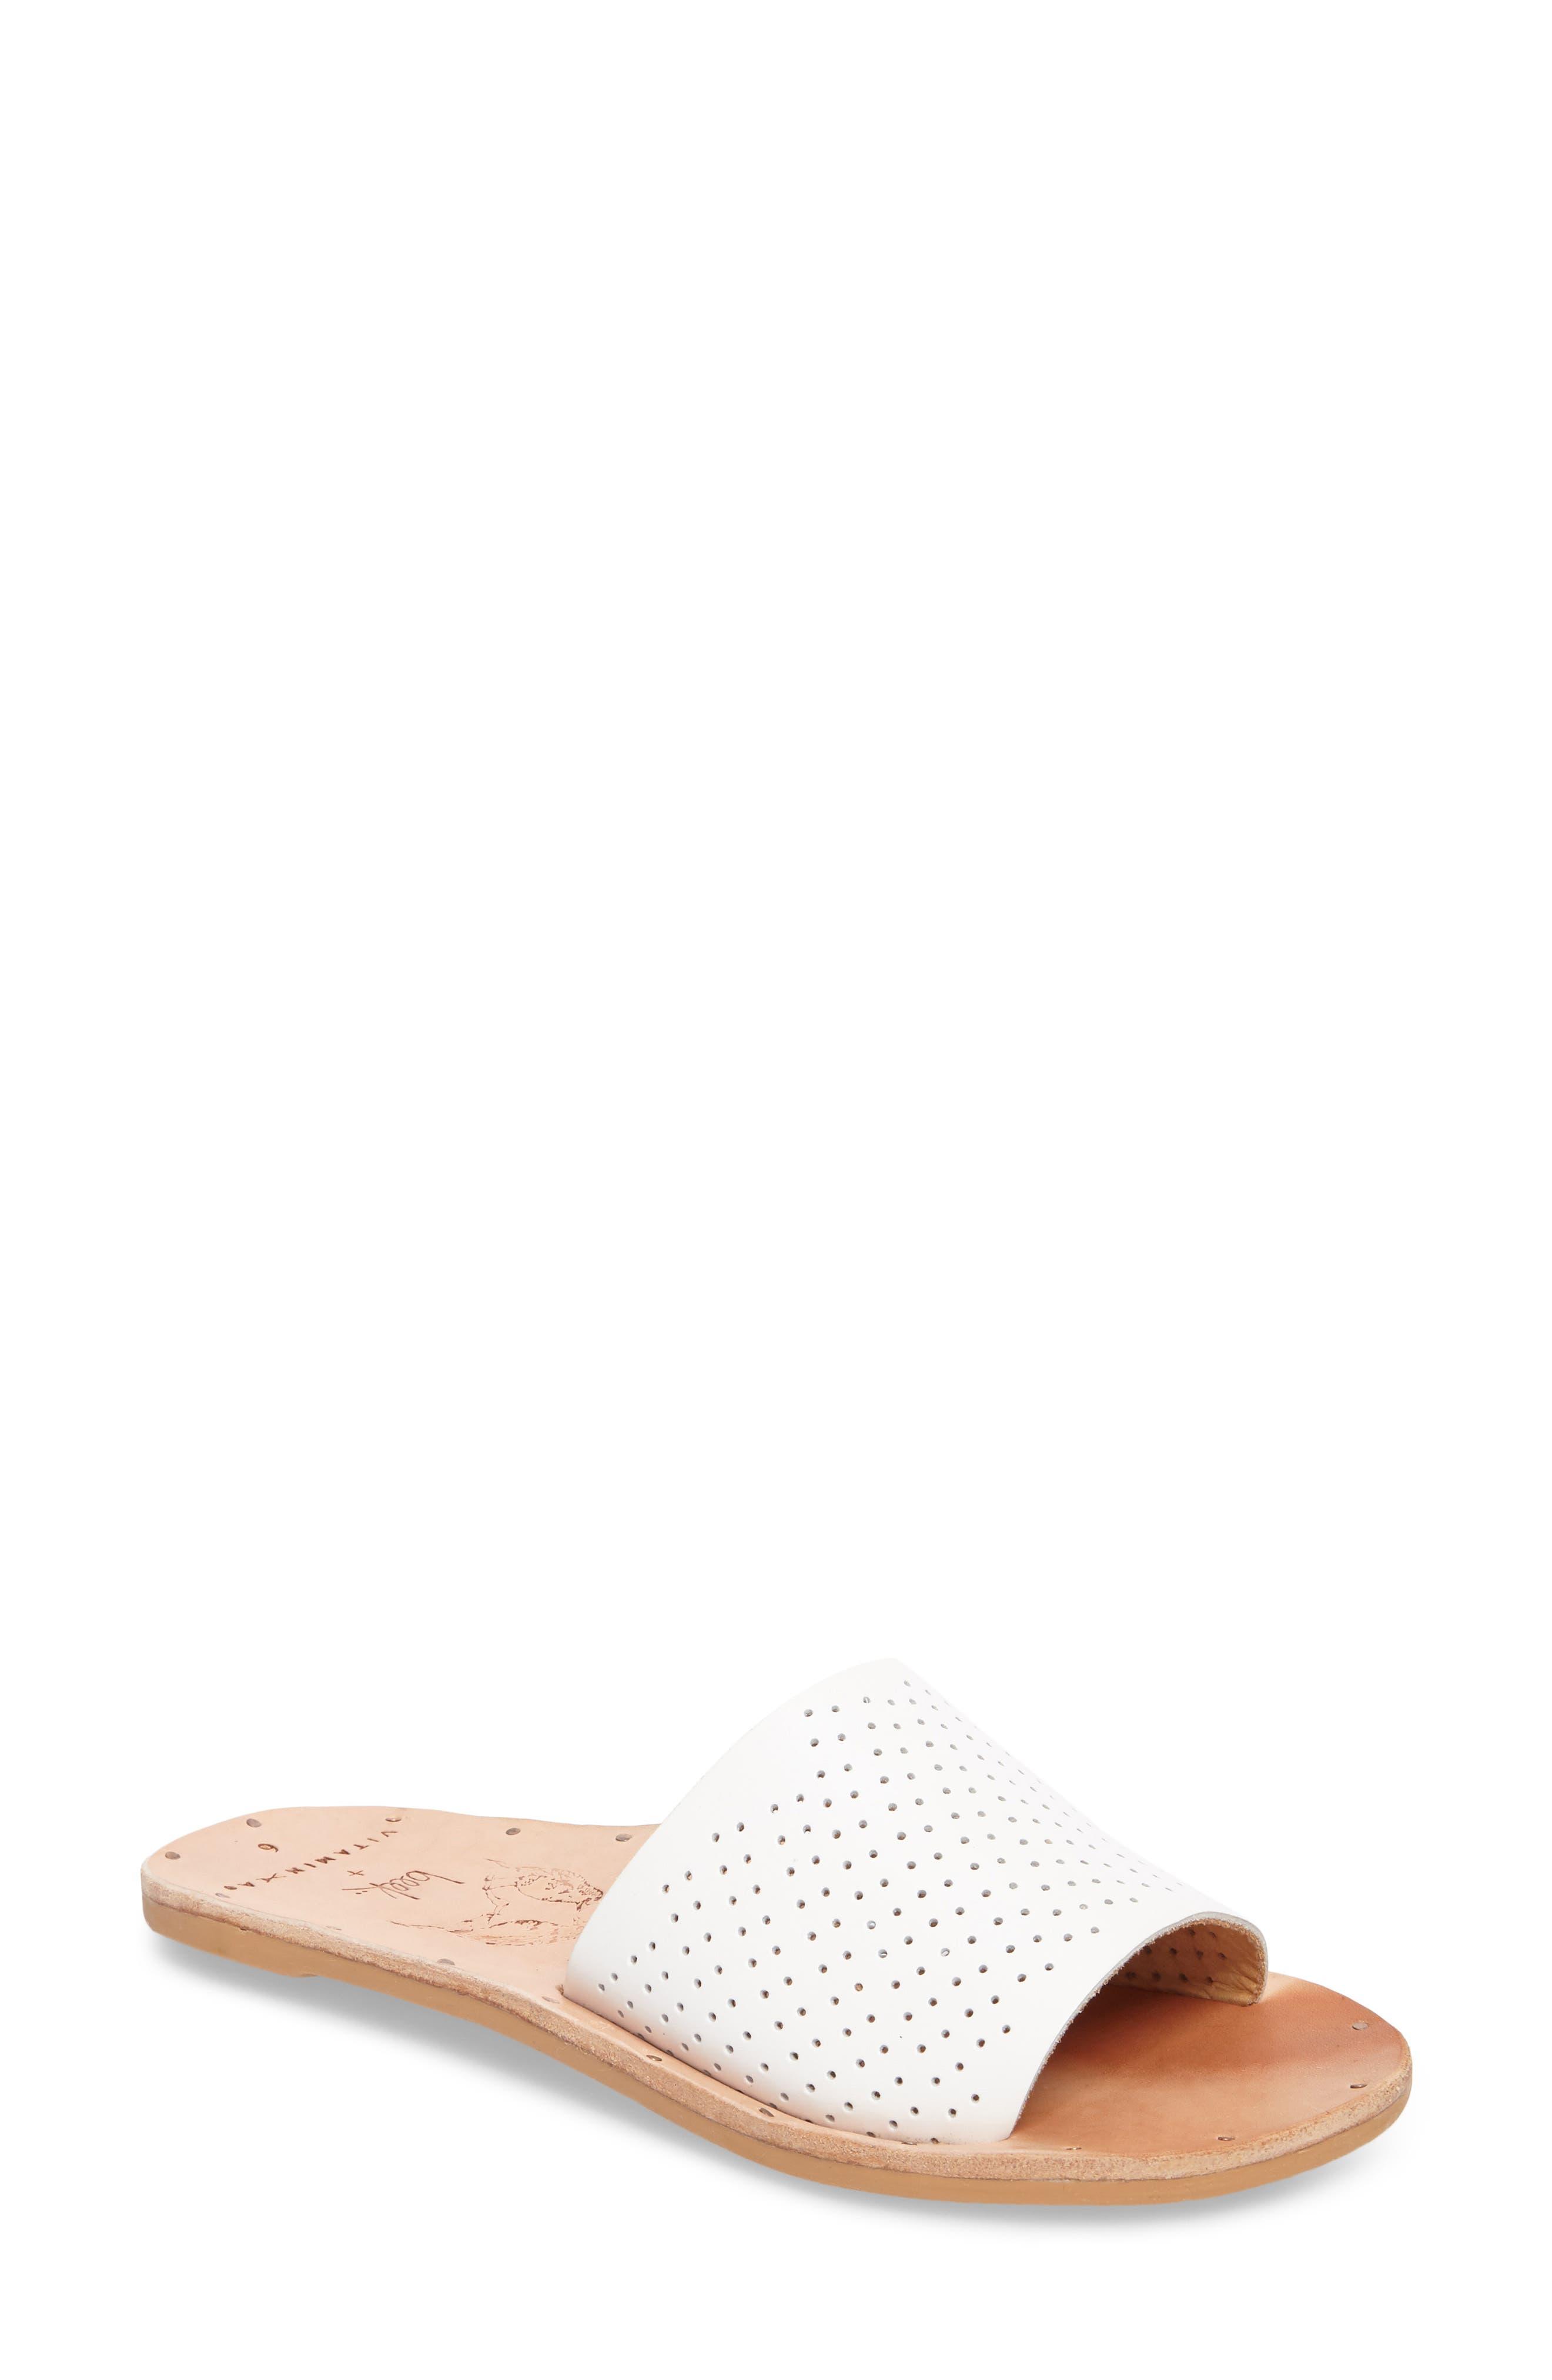 Mockingbird Sandal,                             Main thumbnail 1, color,                             White Perf/ Tan